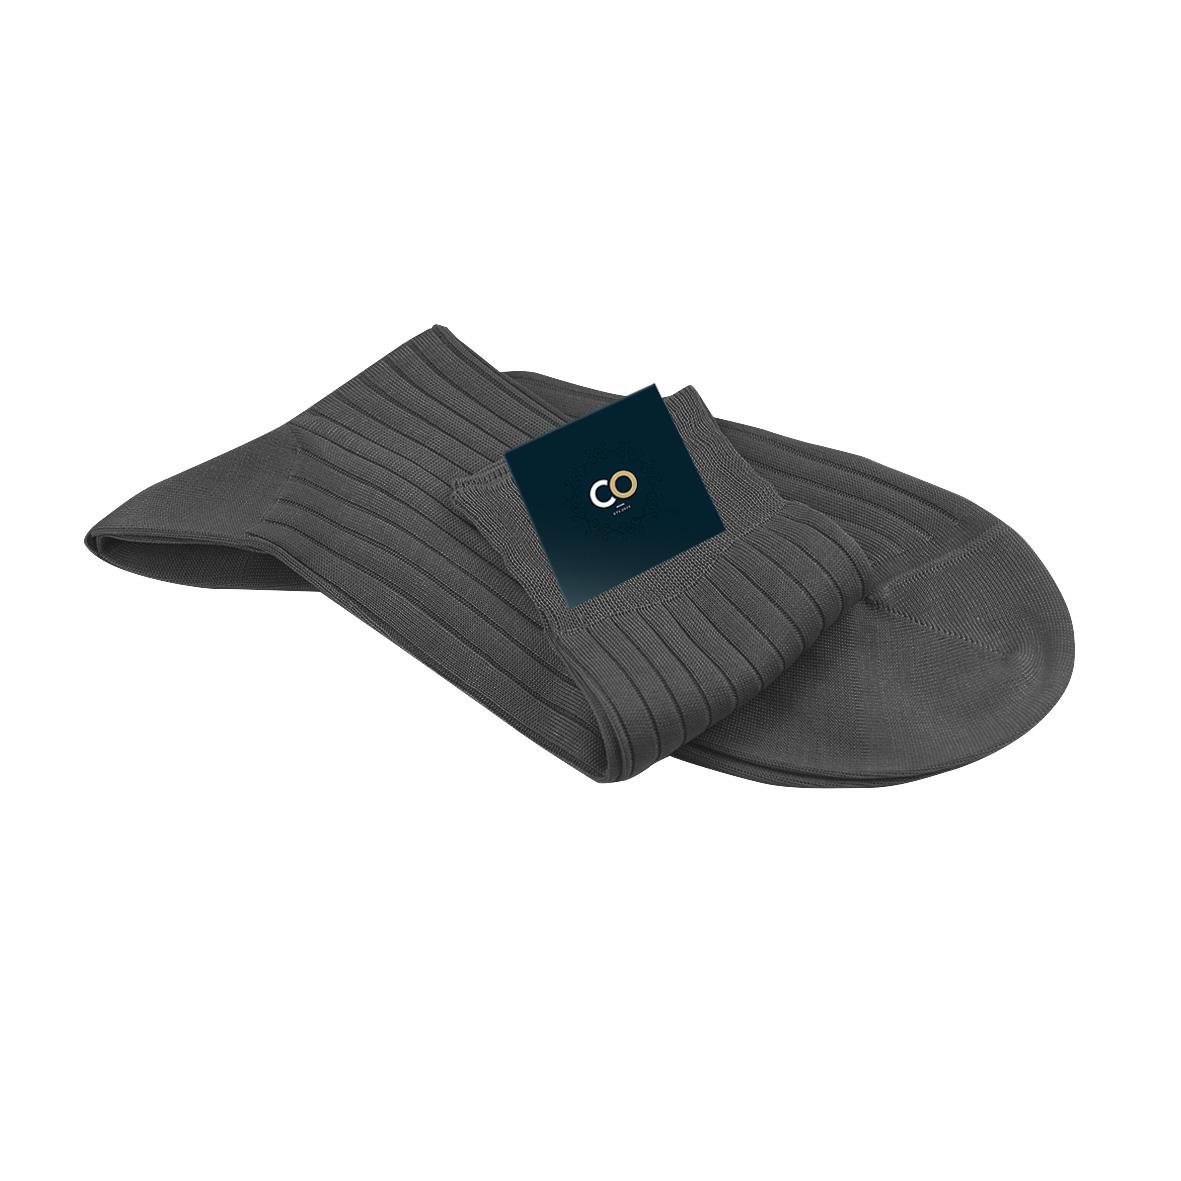 Bouquet de 5 paires de chaussettes homme grises